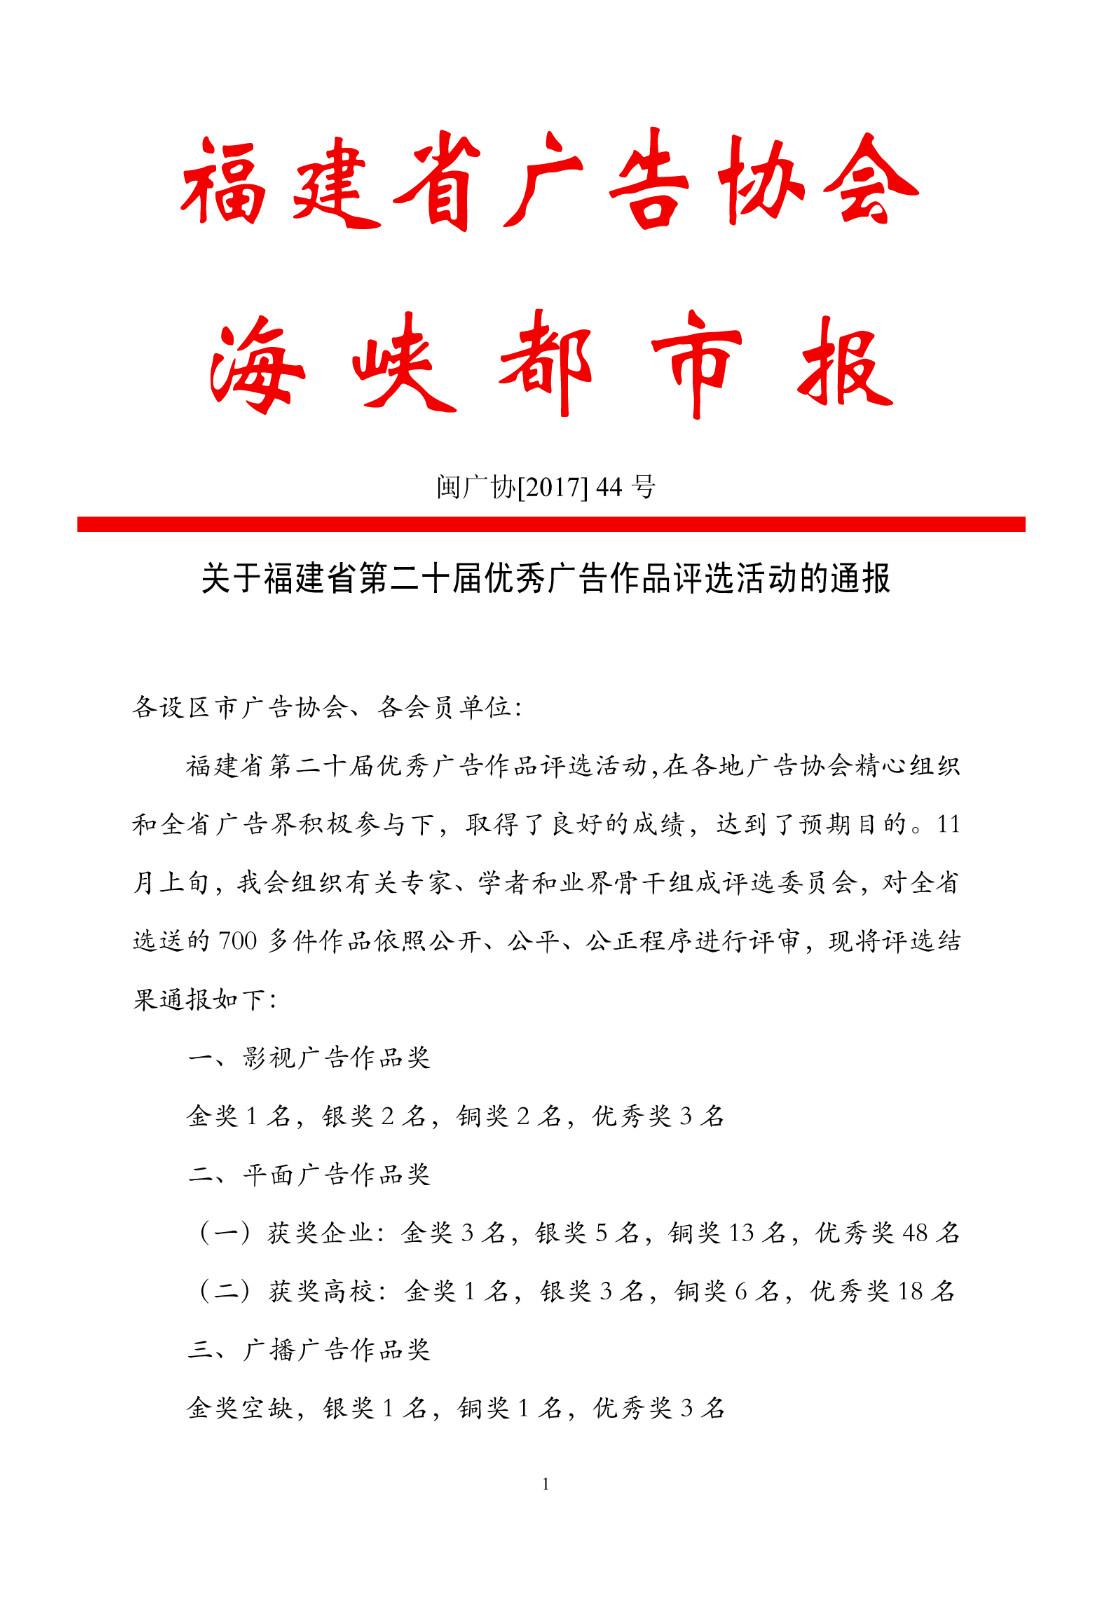 闽广协【2017】44号关于福建省第二十届优秀广告作品评选活动的通报-1.jpg